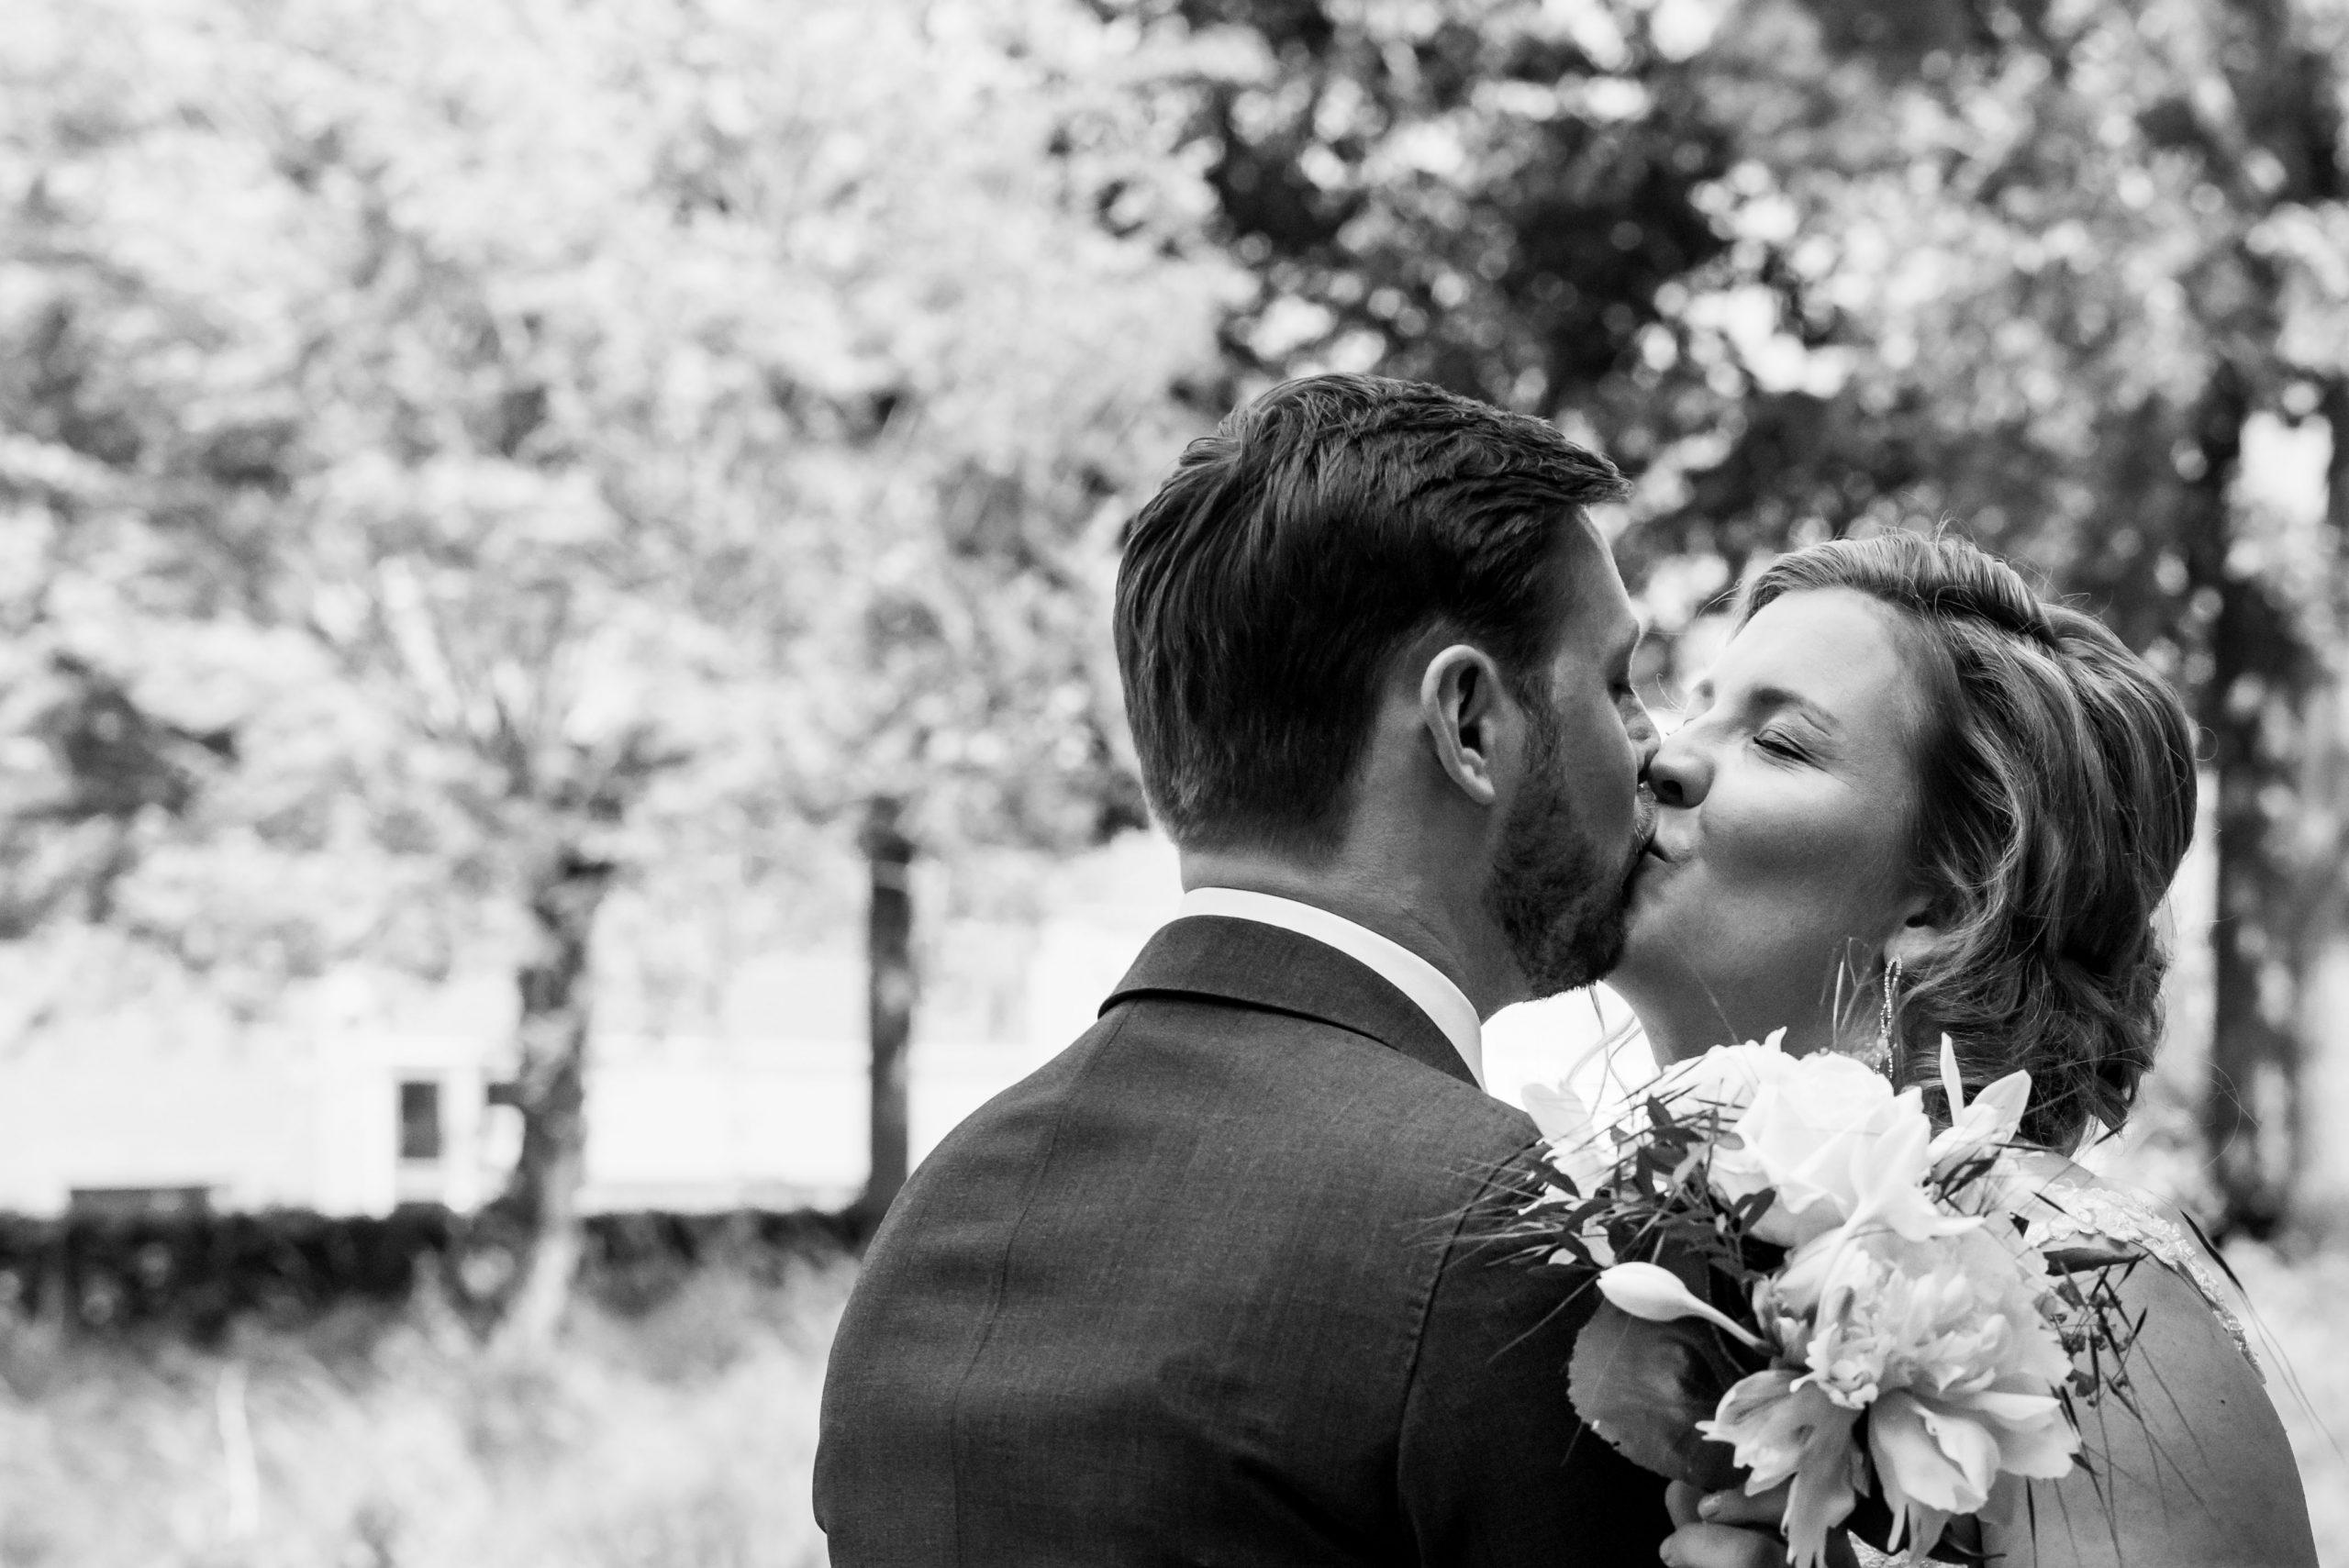 Bruid kust bruidegom.